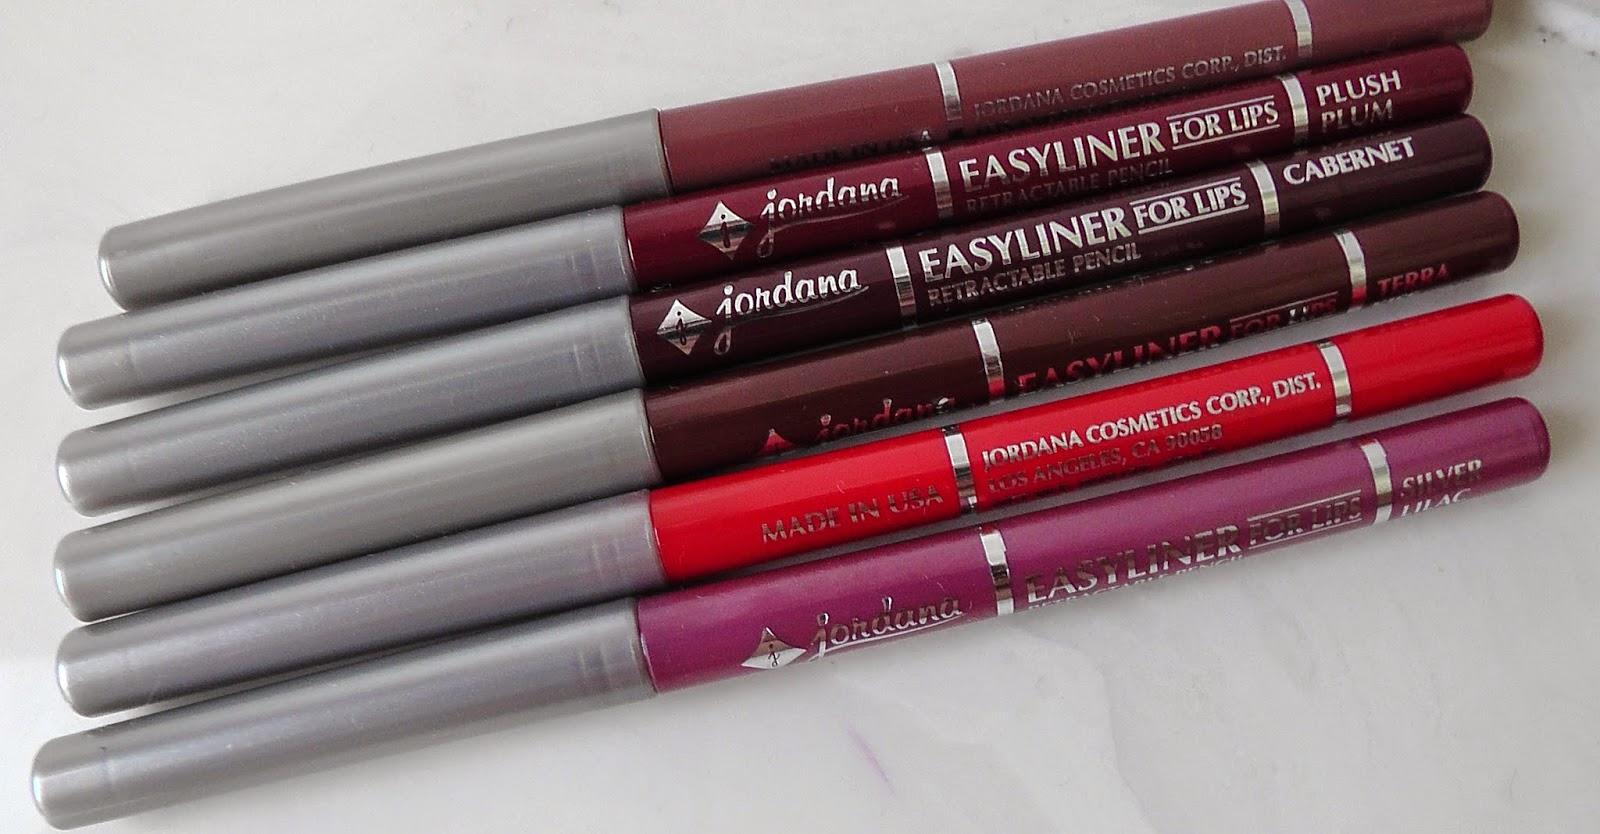 Pin on lipsticks